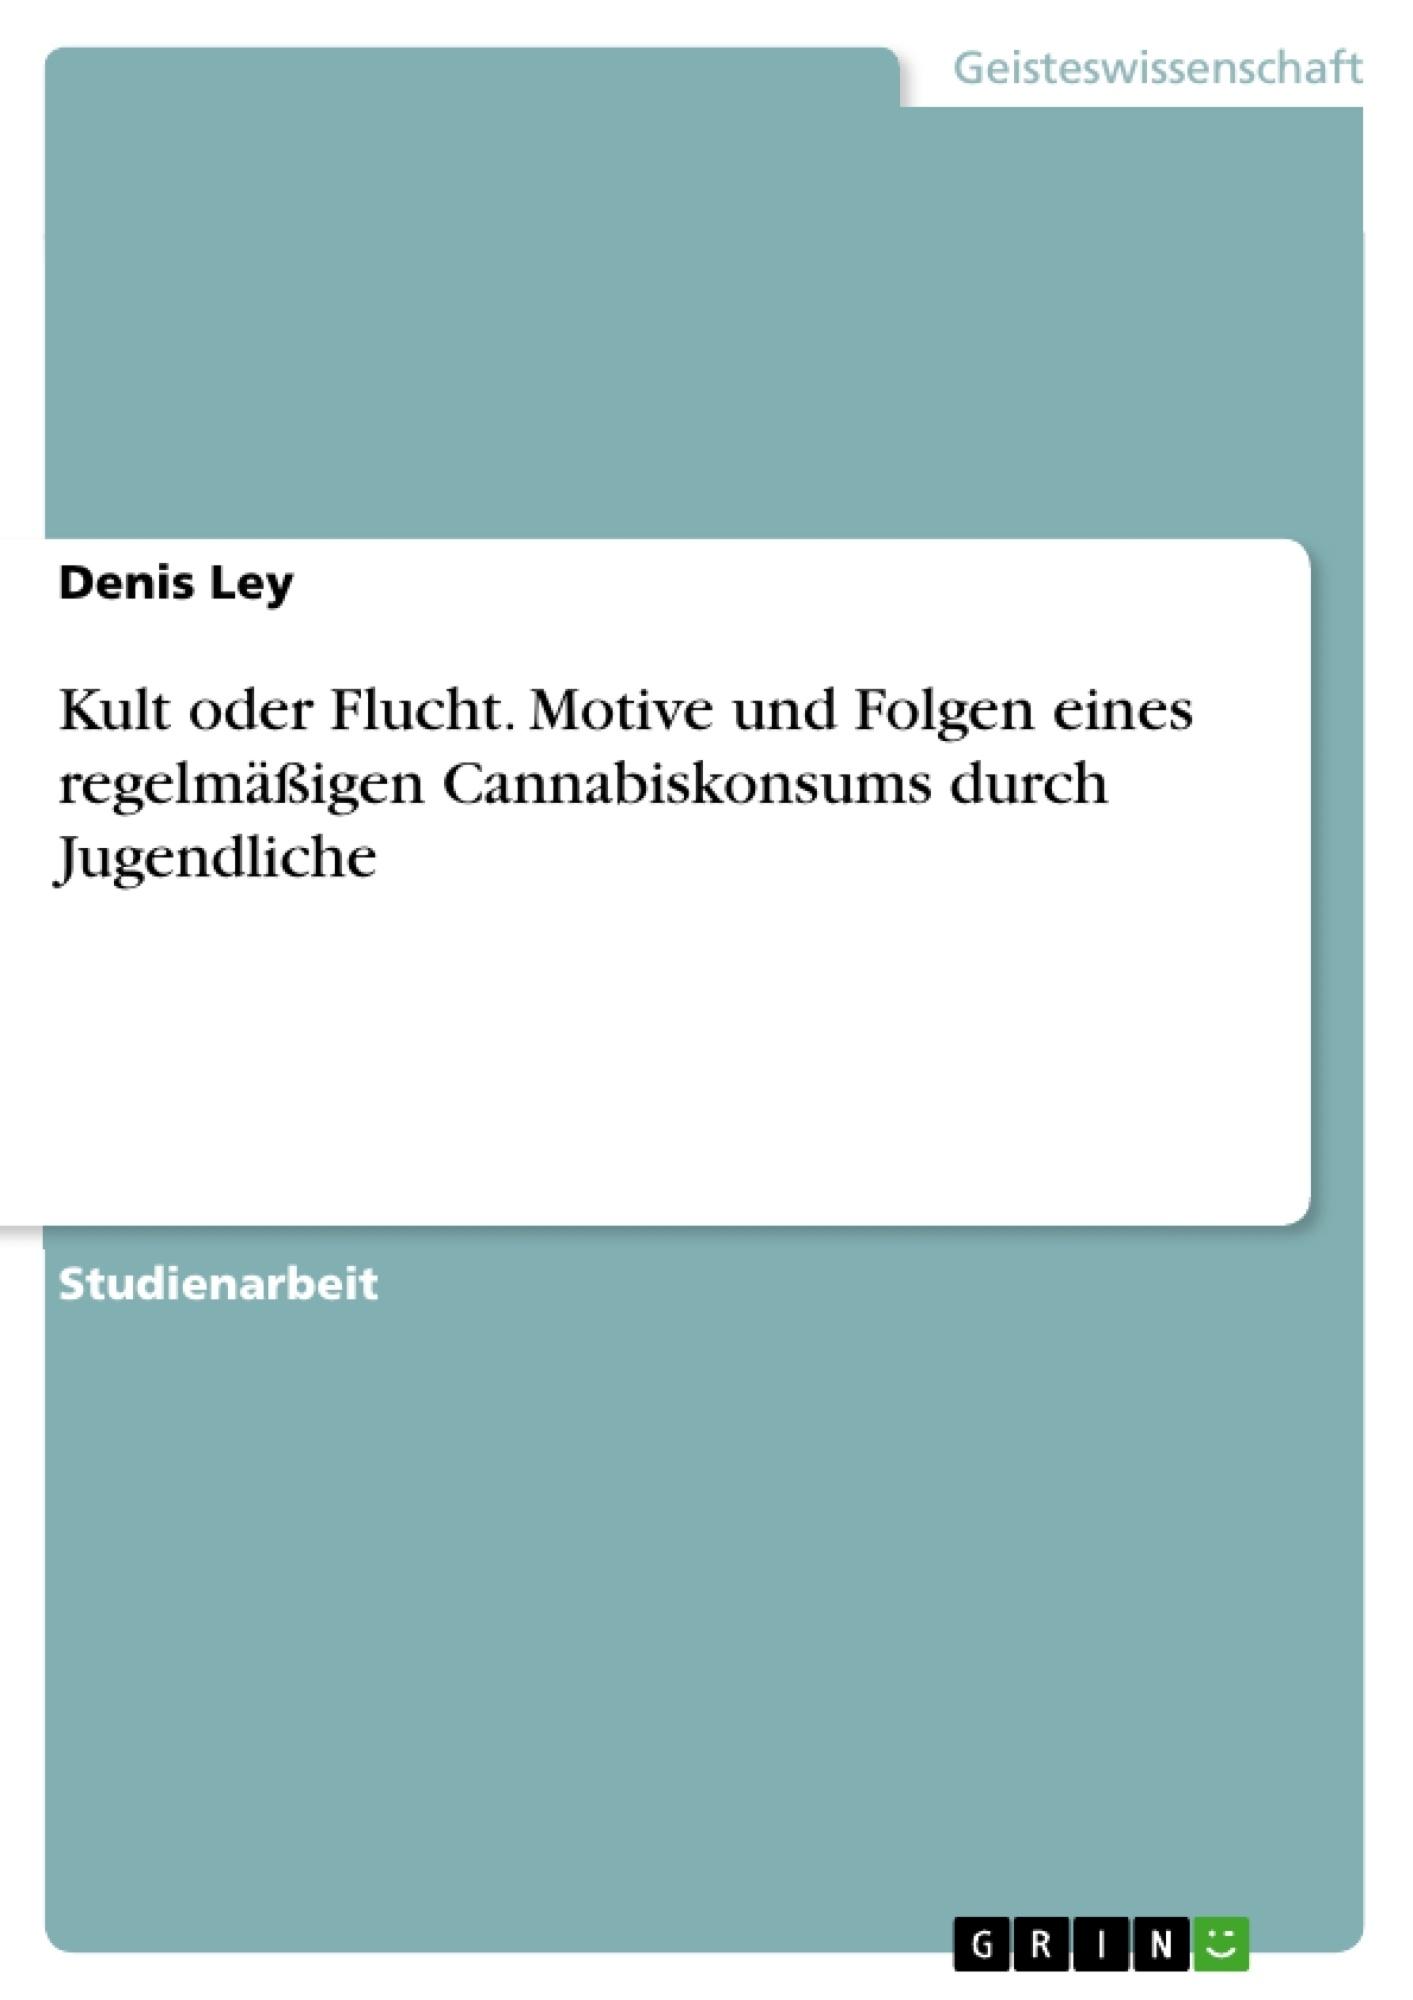 Titel: Kult oder Flucht. Motive und Folgen eines regelmäßigen Cannabiskonsums durch Jugendliche